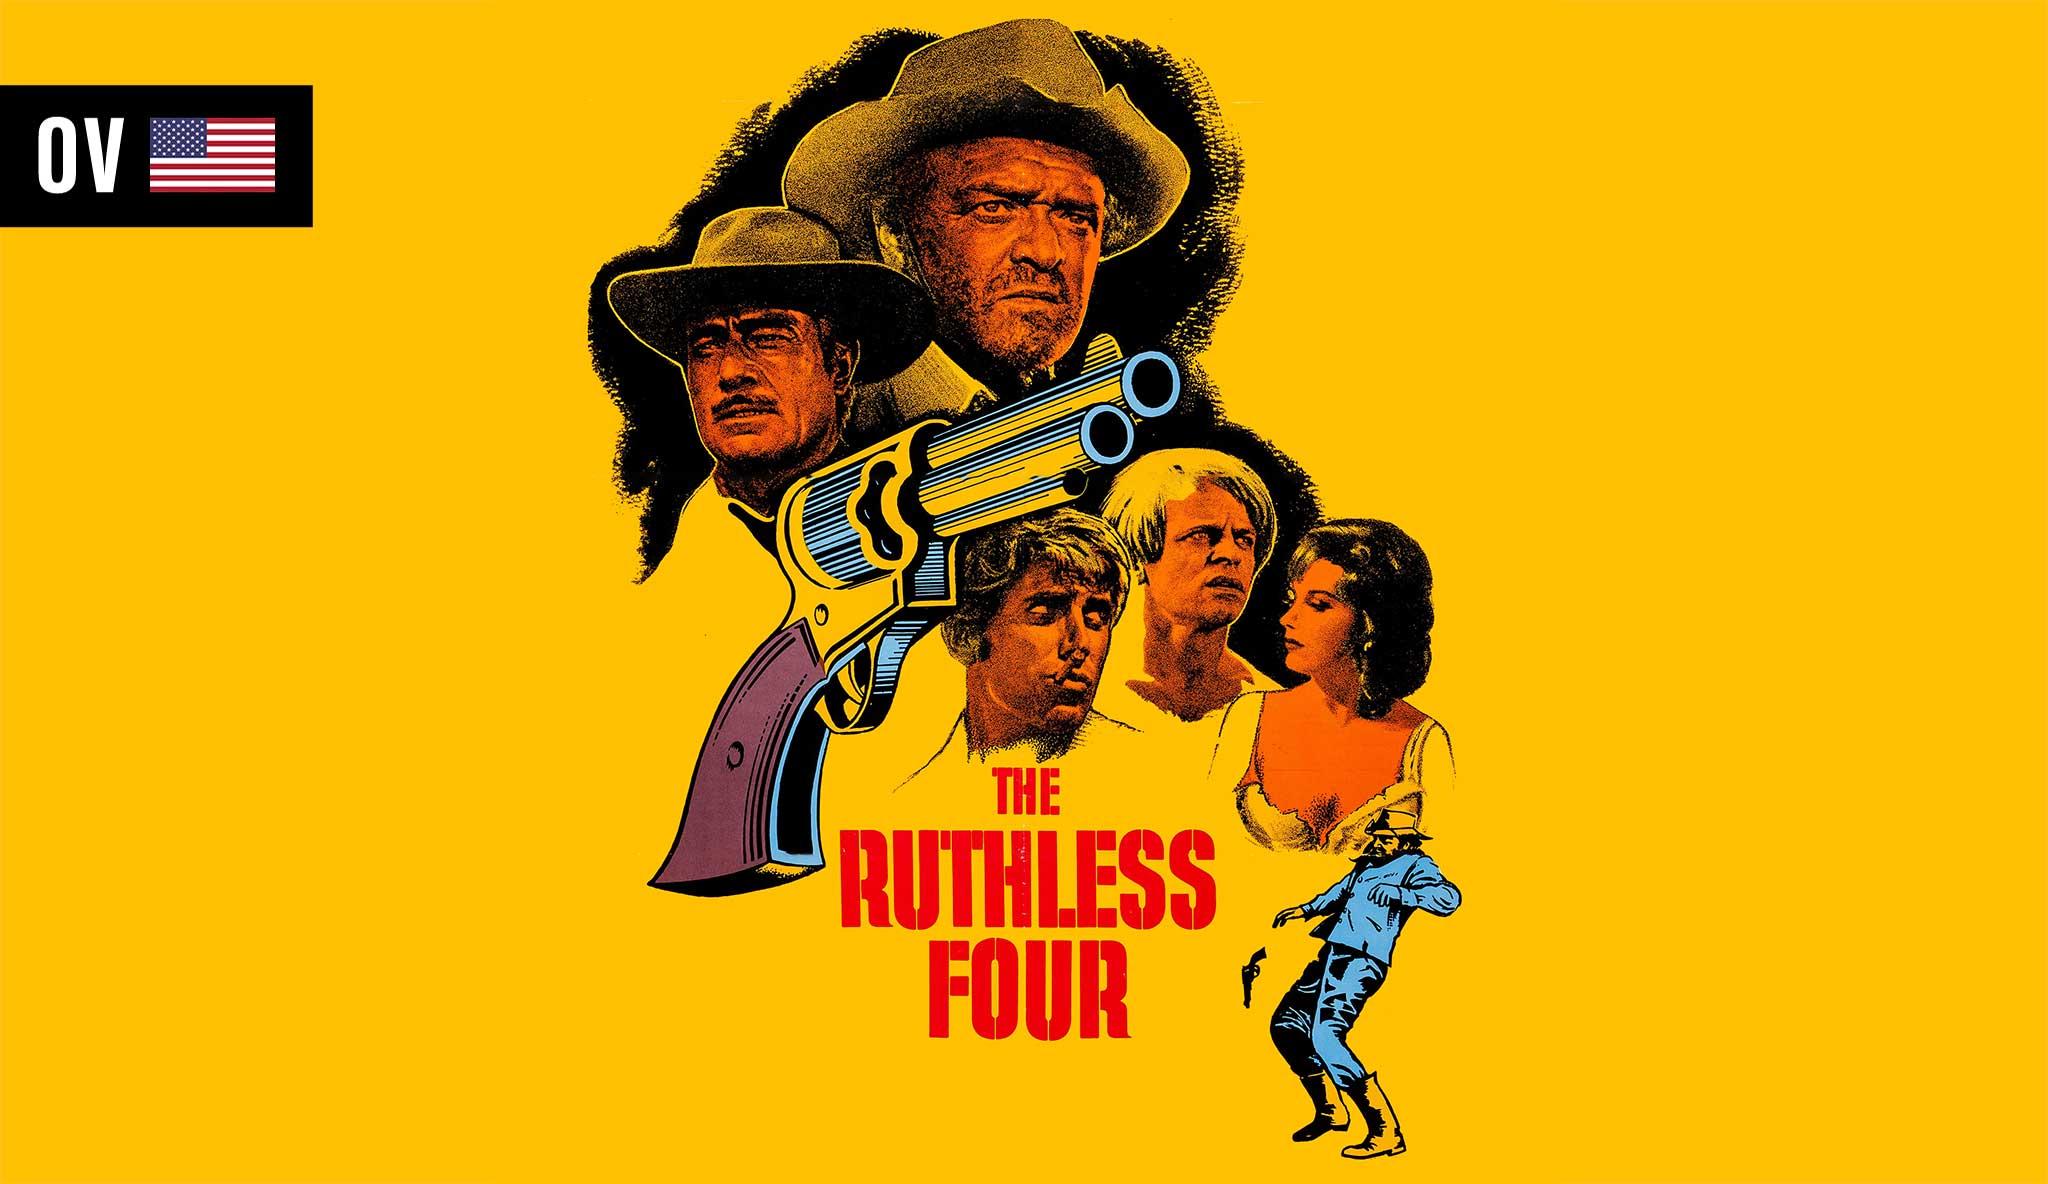 the-ruthless-four\header.jpg